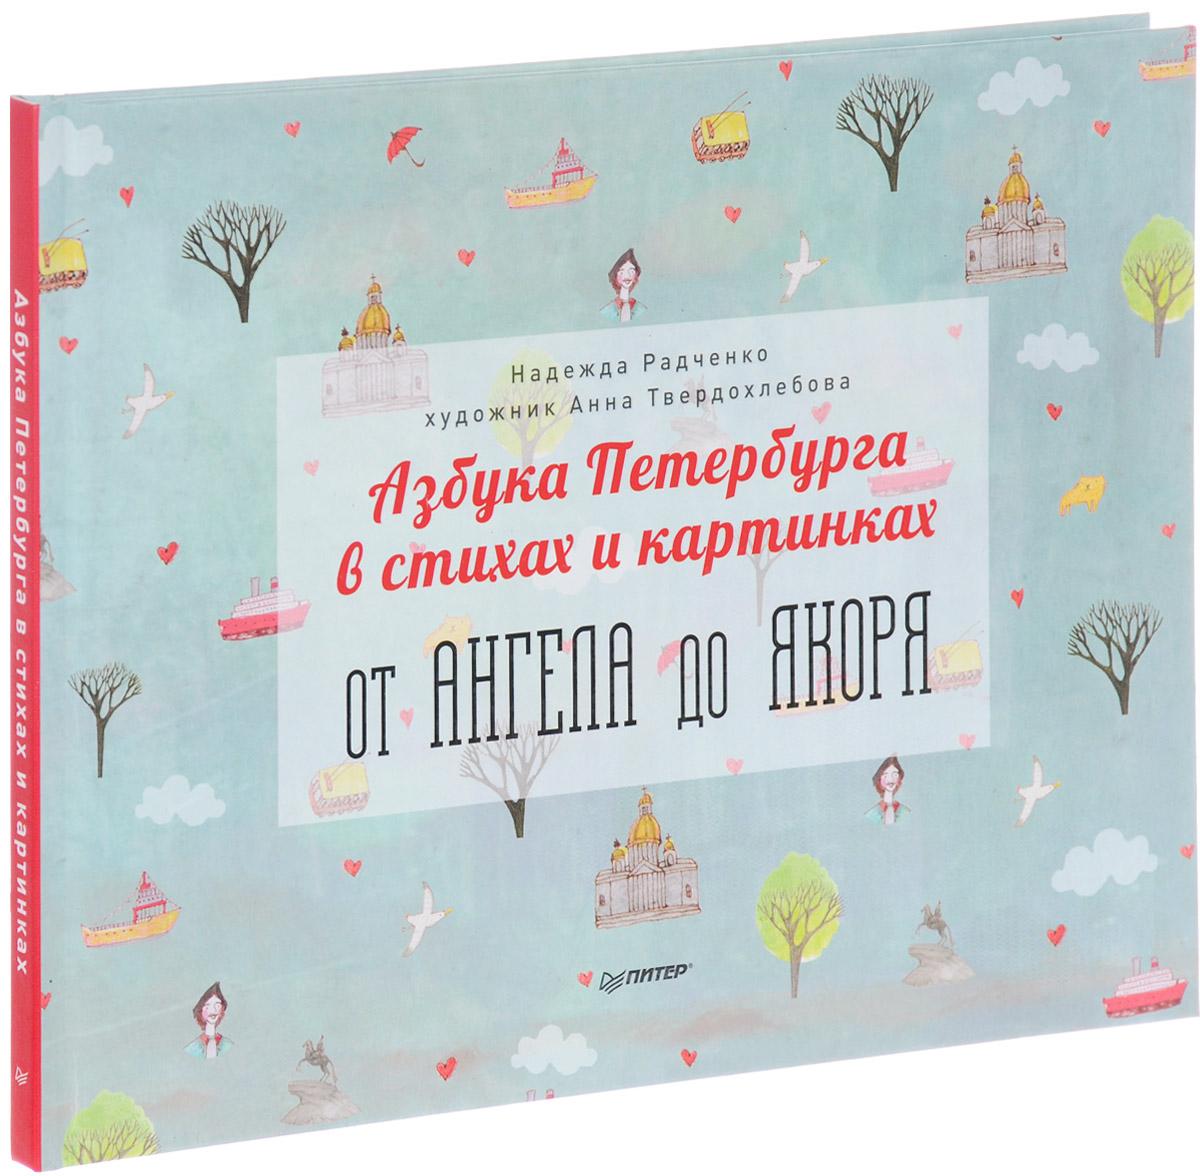 Книга Азбука Петербурга в стихах и картинках. Надежда Радченко